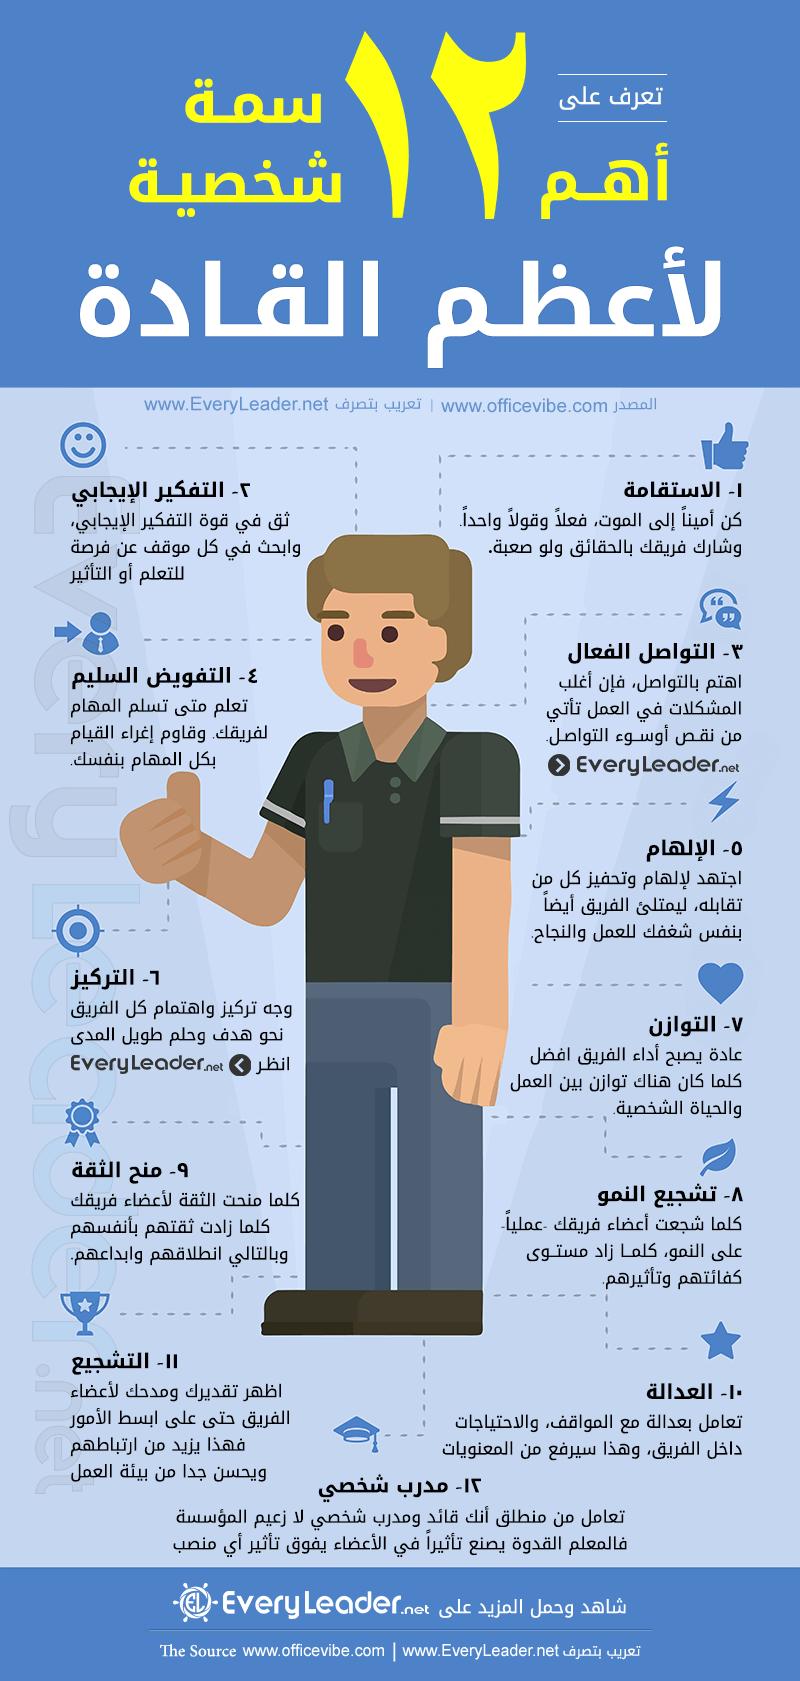 انفوجرافيك أهم ١٢ سمة شخصية لأعظم القادة كل قائد Life Skills Positive Notes Human Development